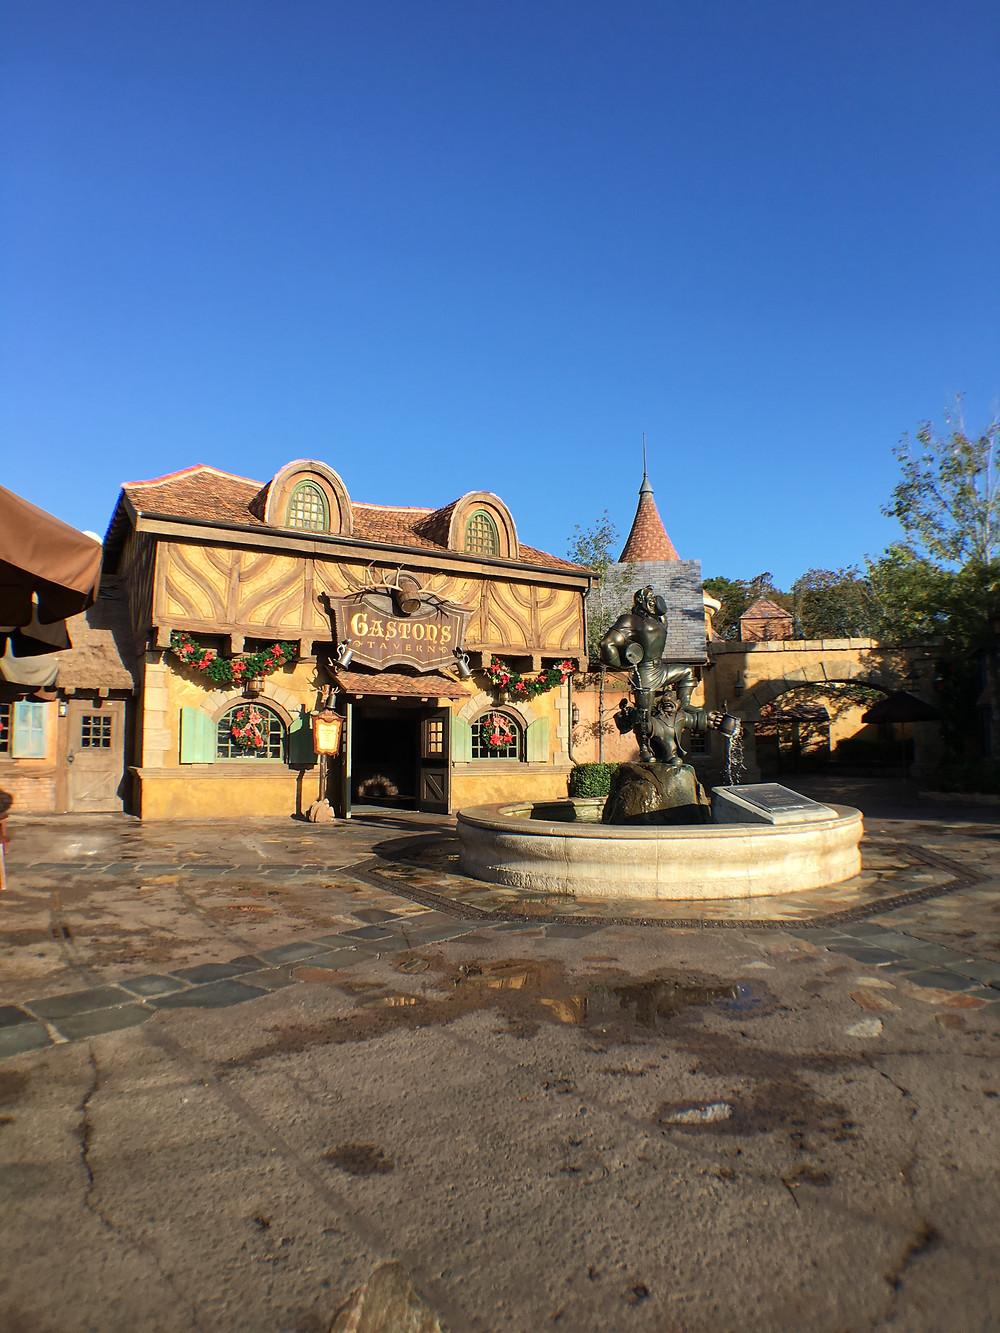 Belle's Village Square